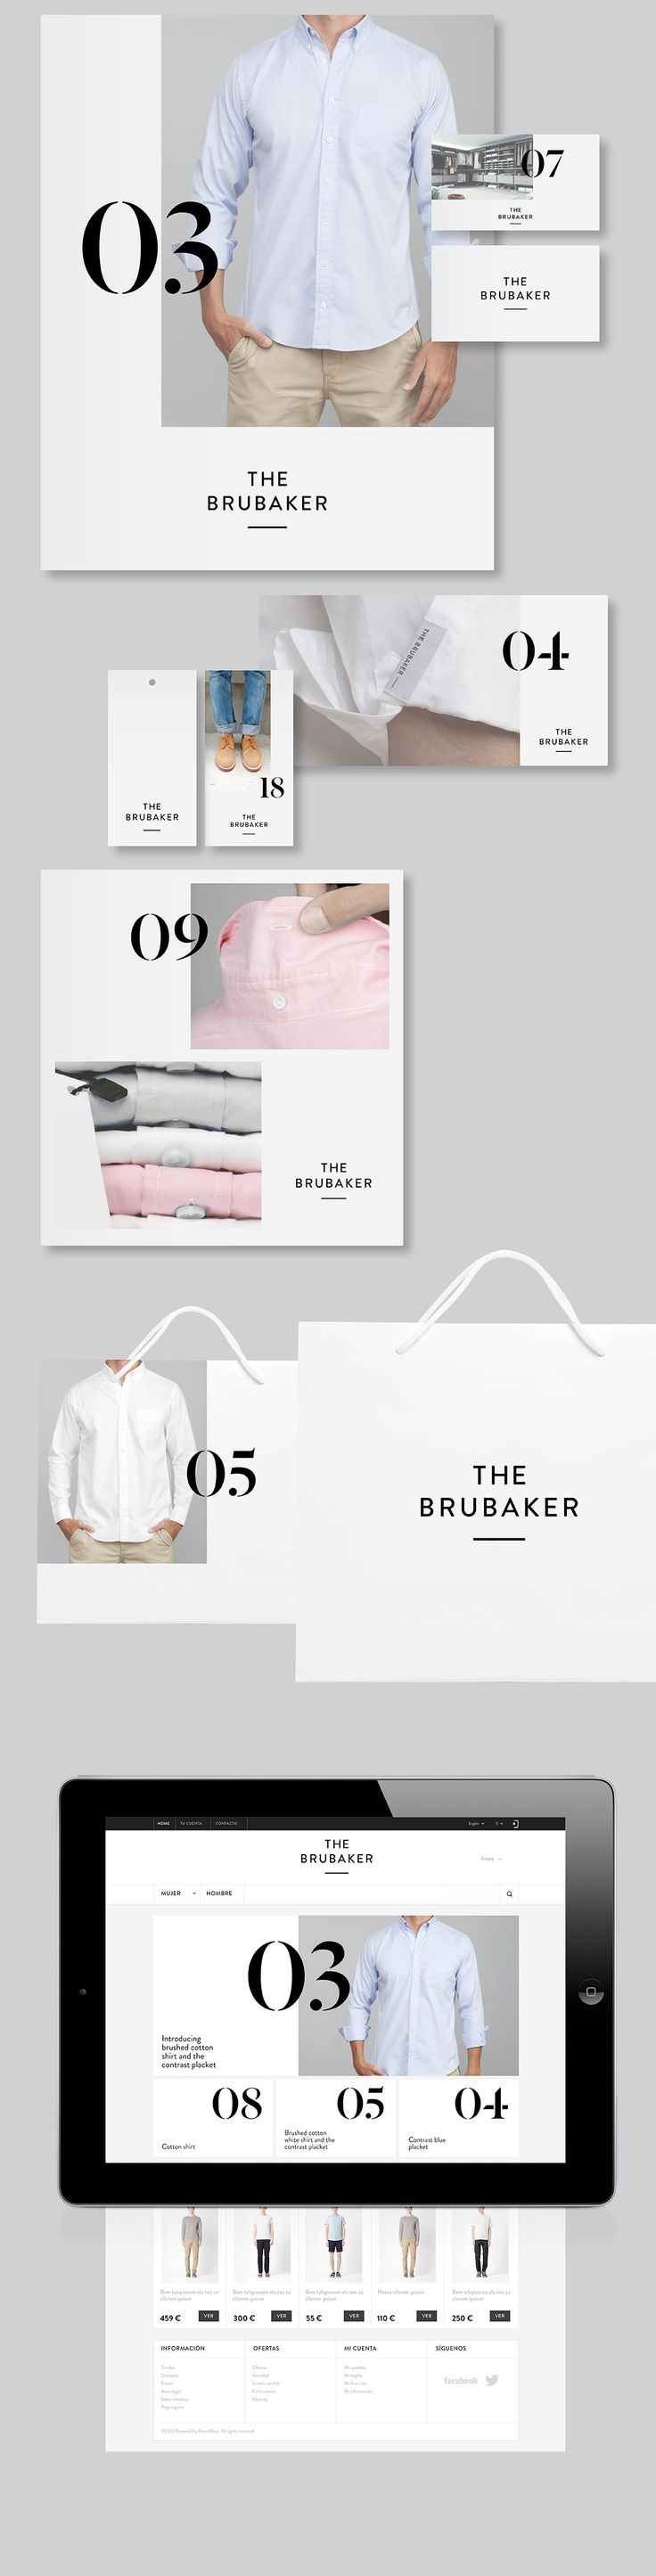 The Brubaker - Identidad y Piezas Gráficas